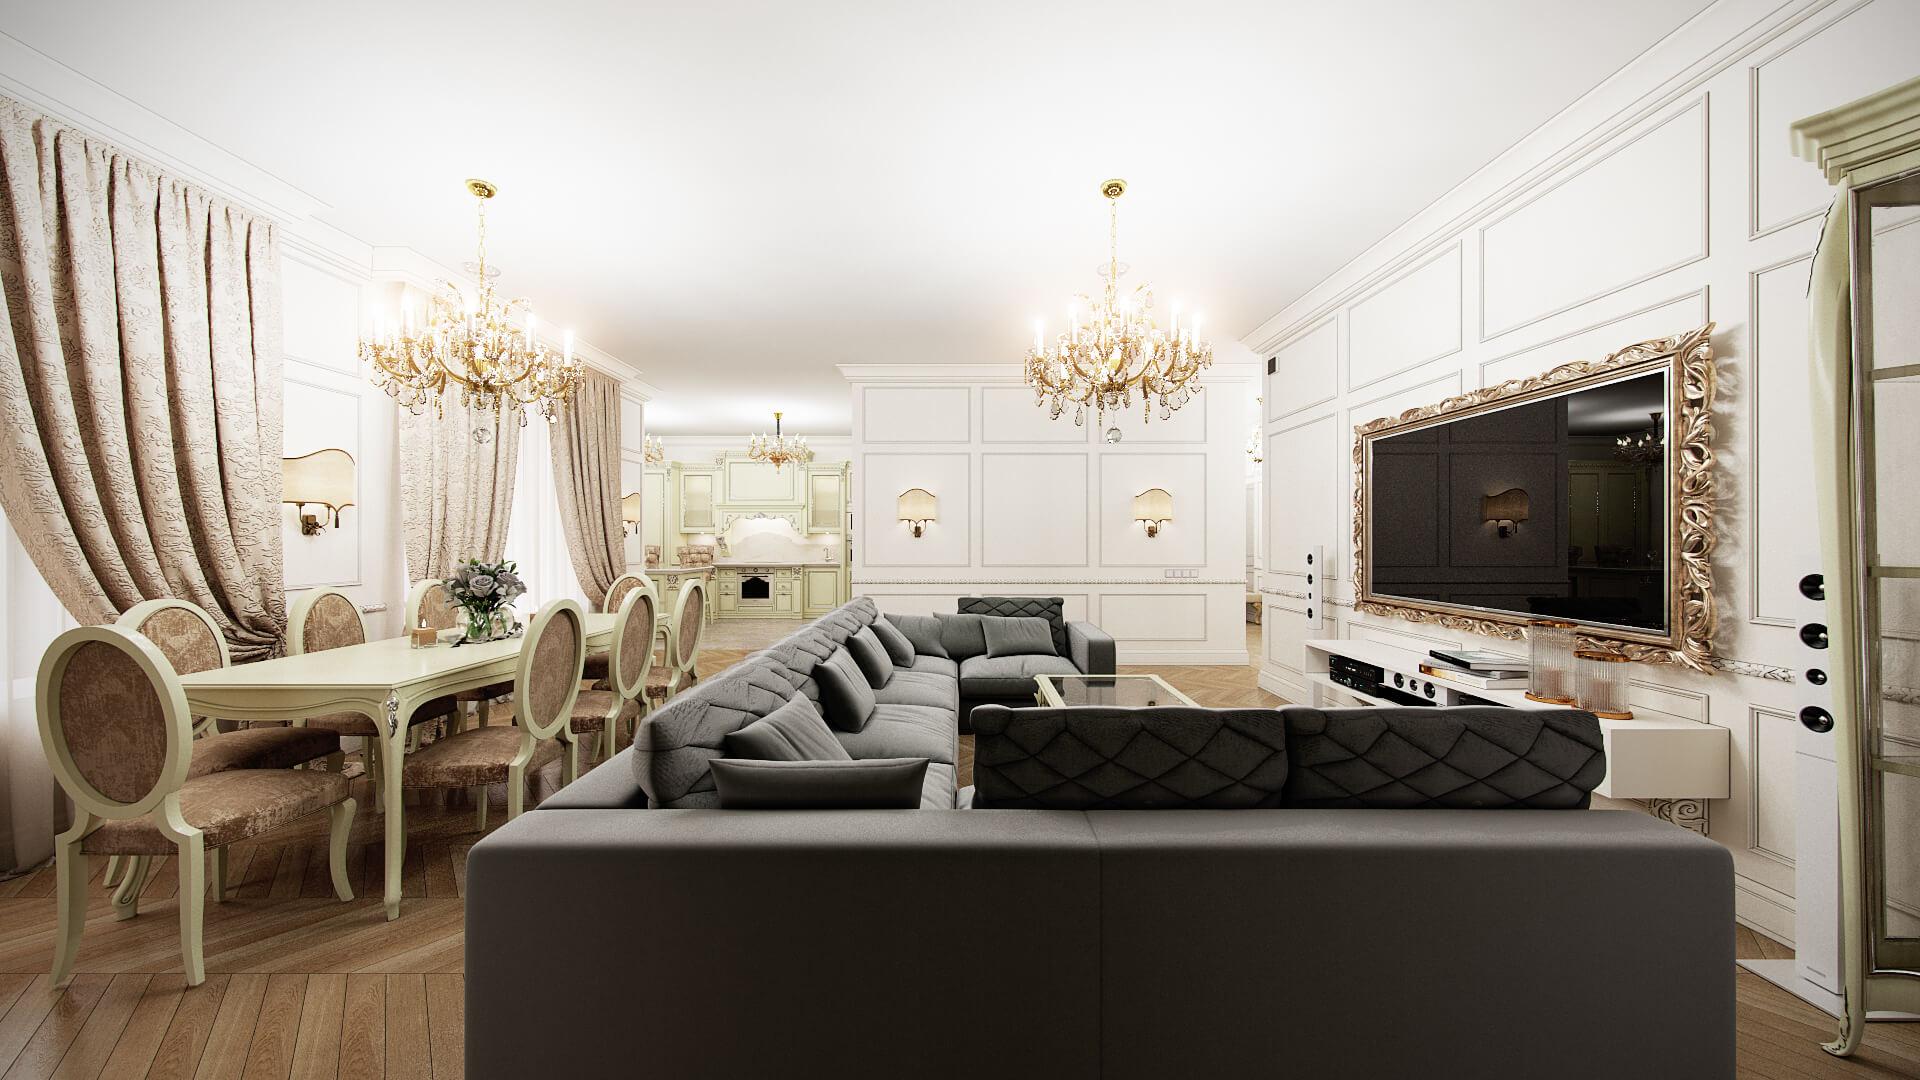 Кухня гостиная в классическом стиле г. Москва